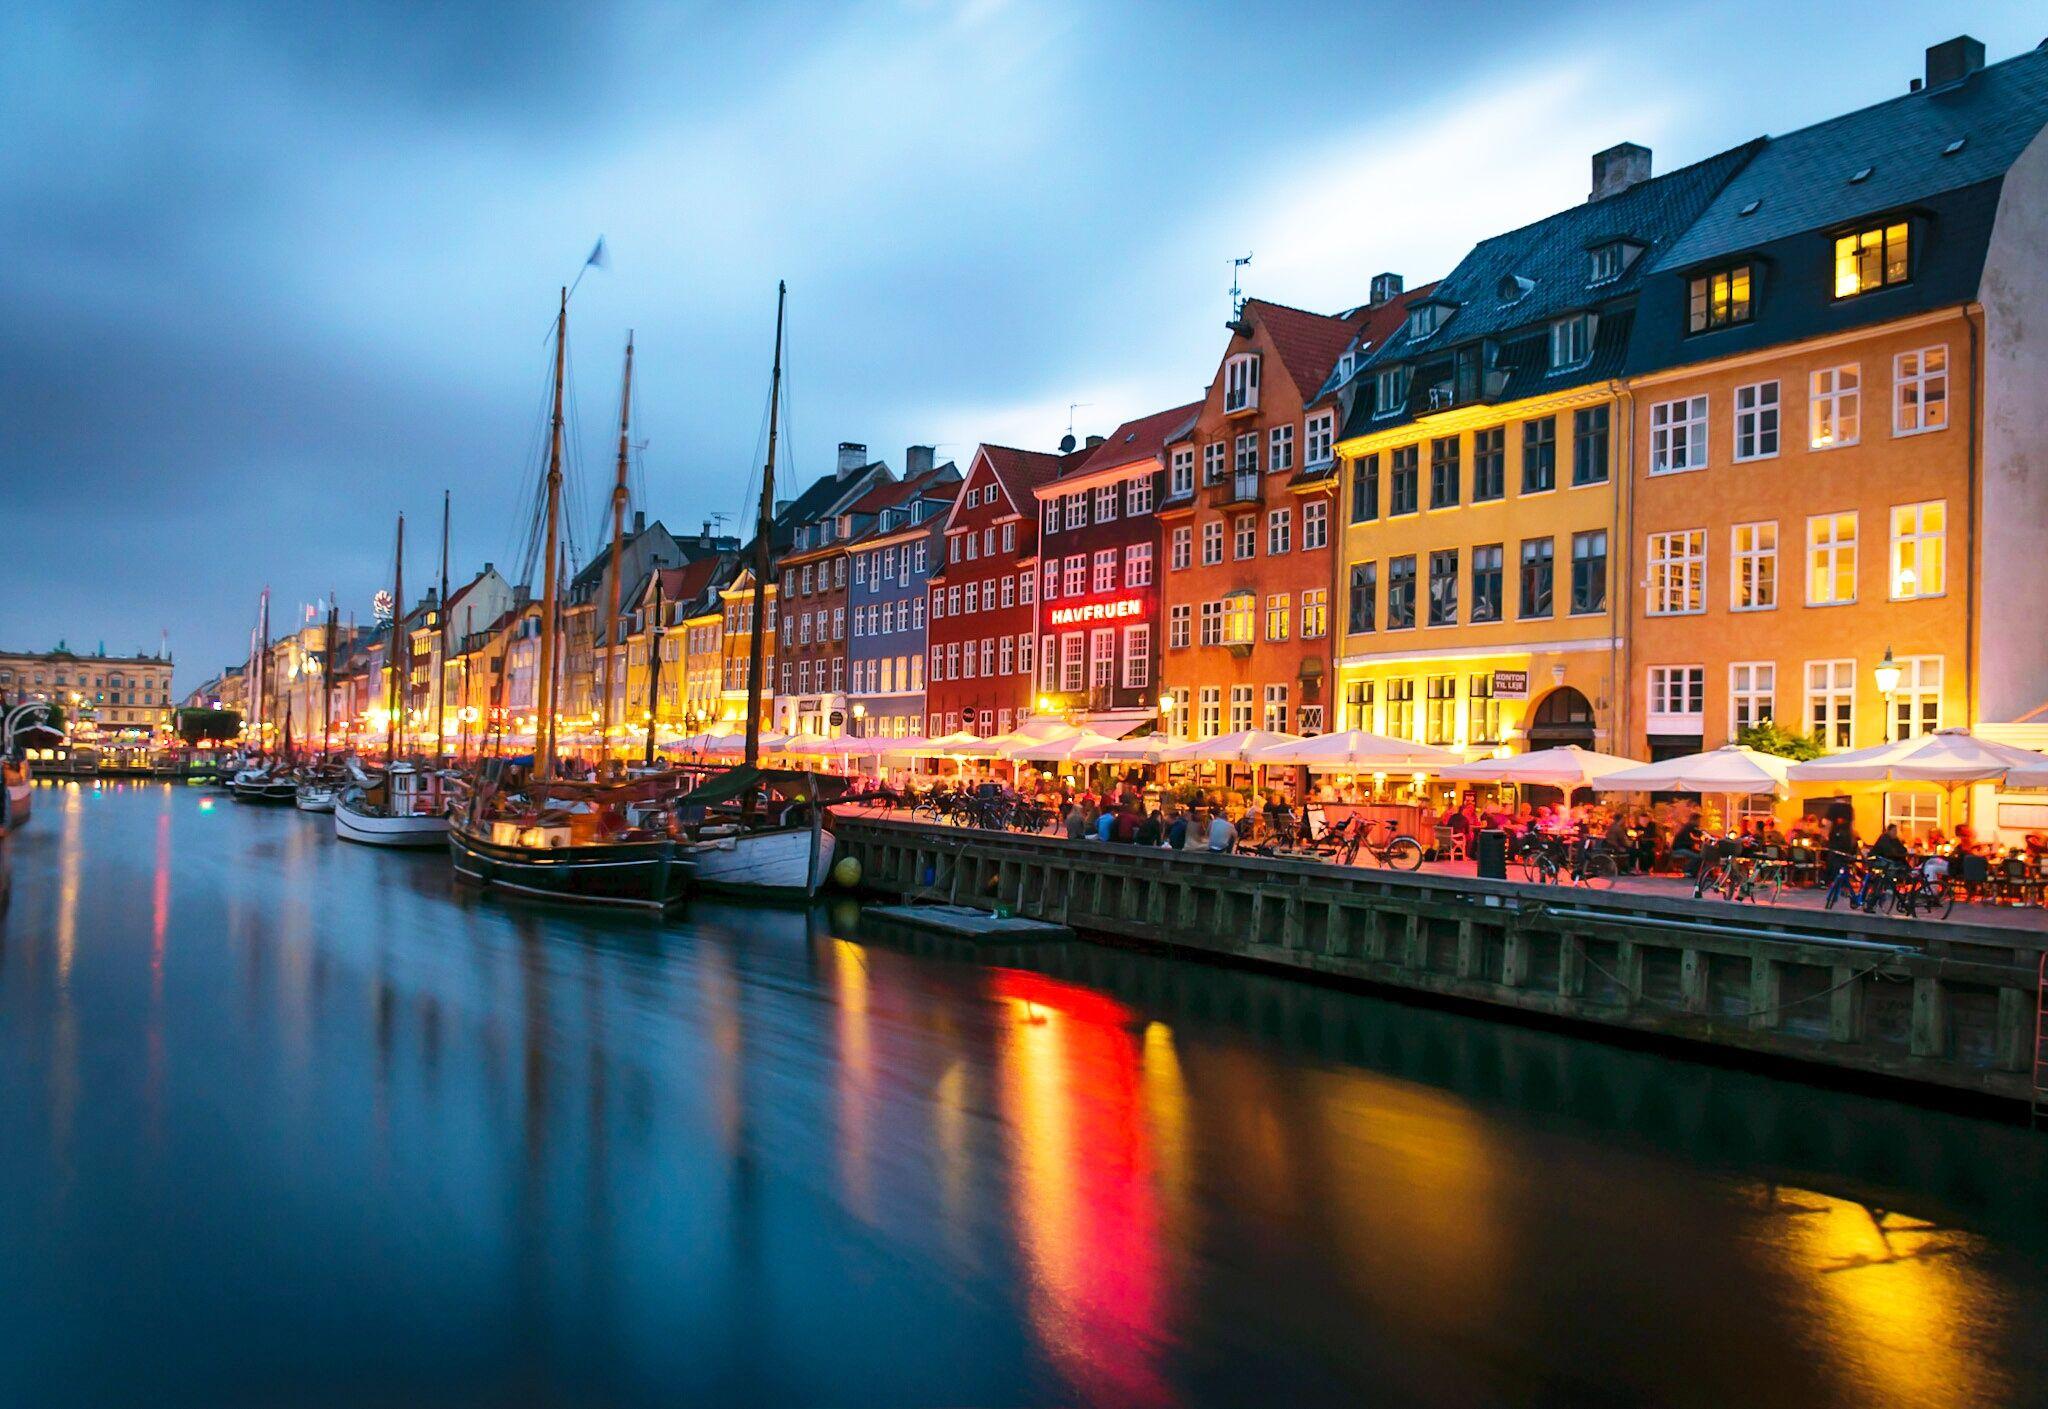 Nyhavn Copenhagen 5817 X 4000 Copenhagen House In Nature